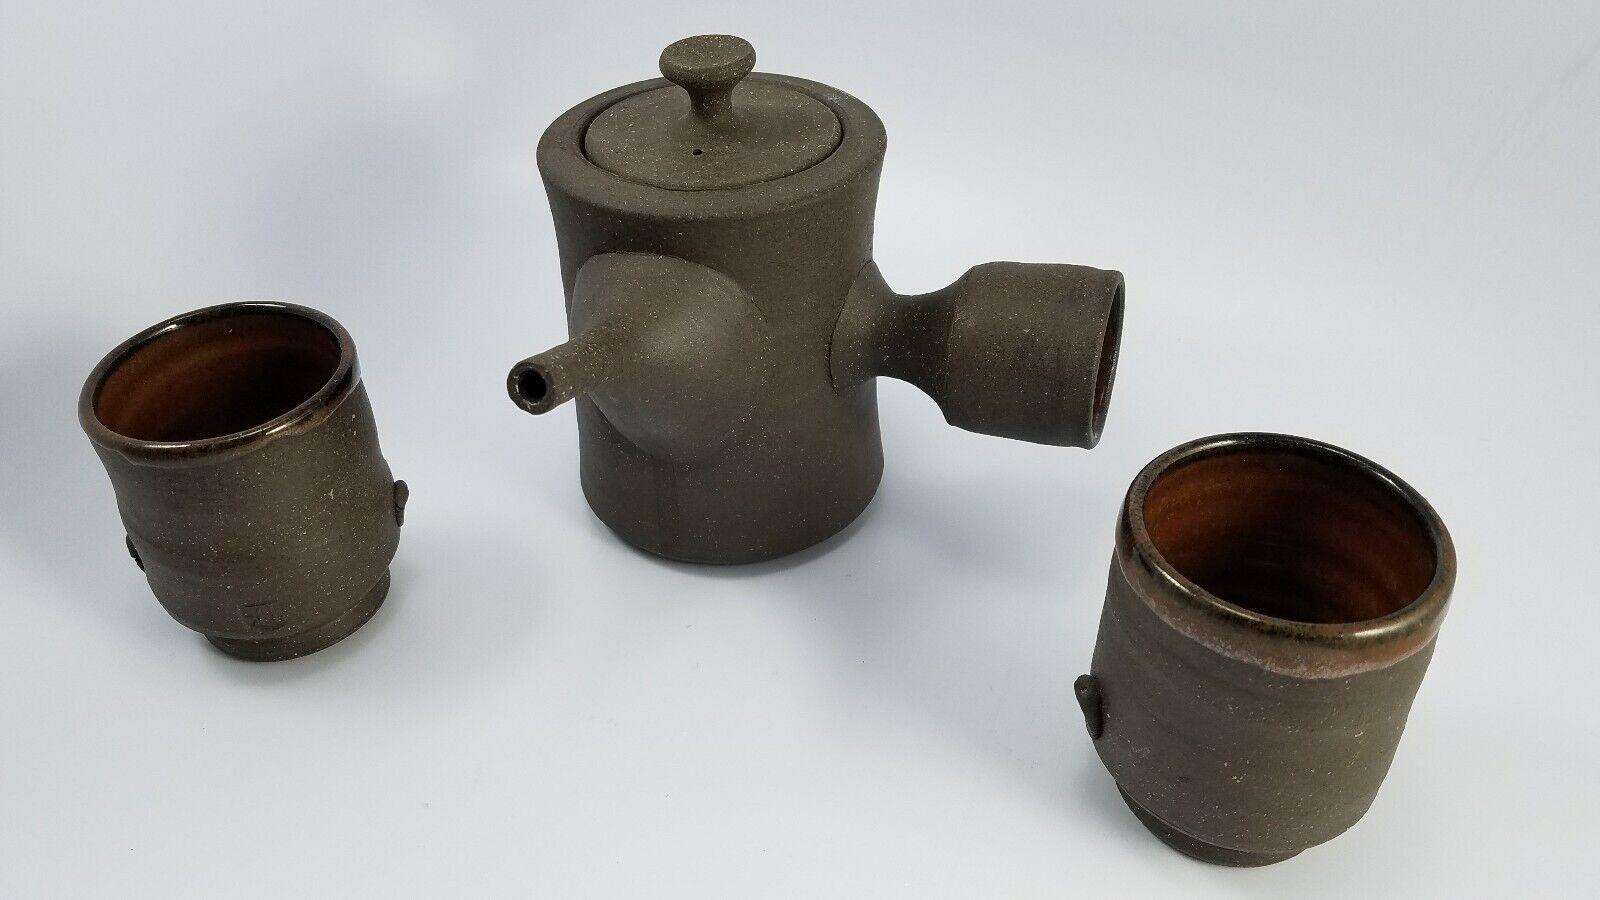 Yokode Kyusu fait à la main japonais Pottery Théière W 2 tasses céramique maille fine marqué